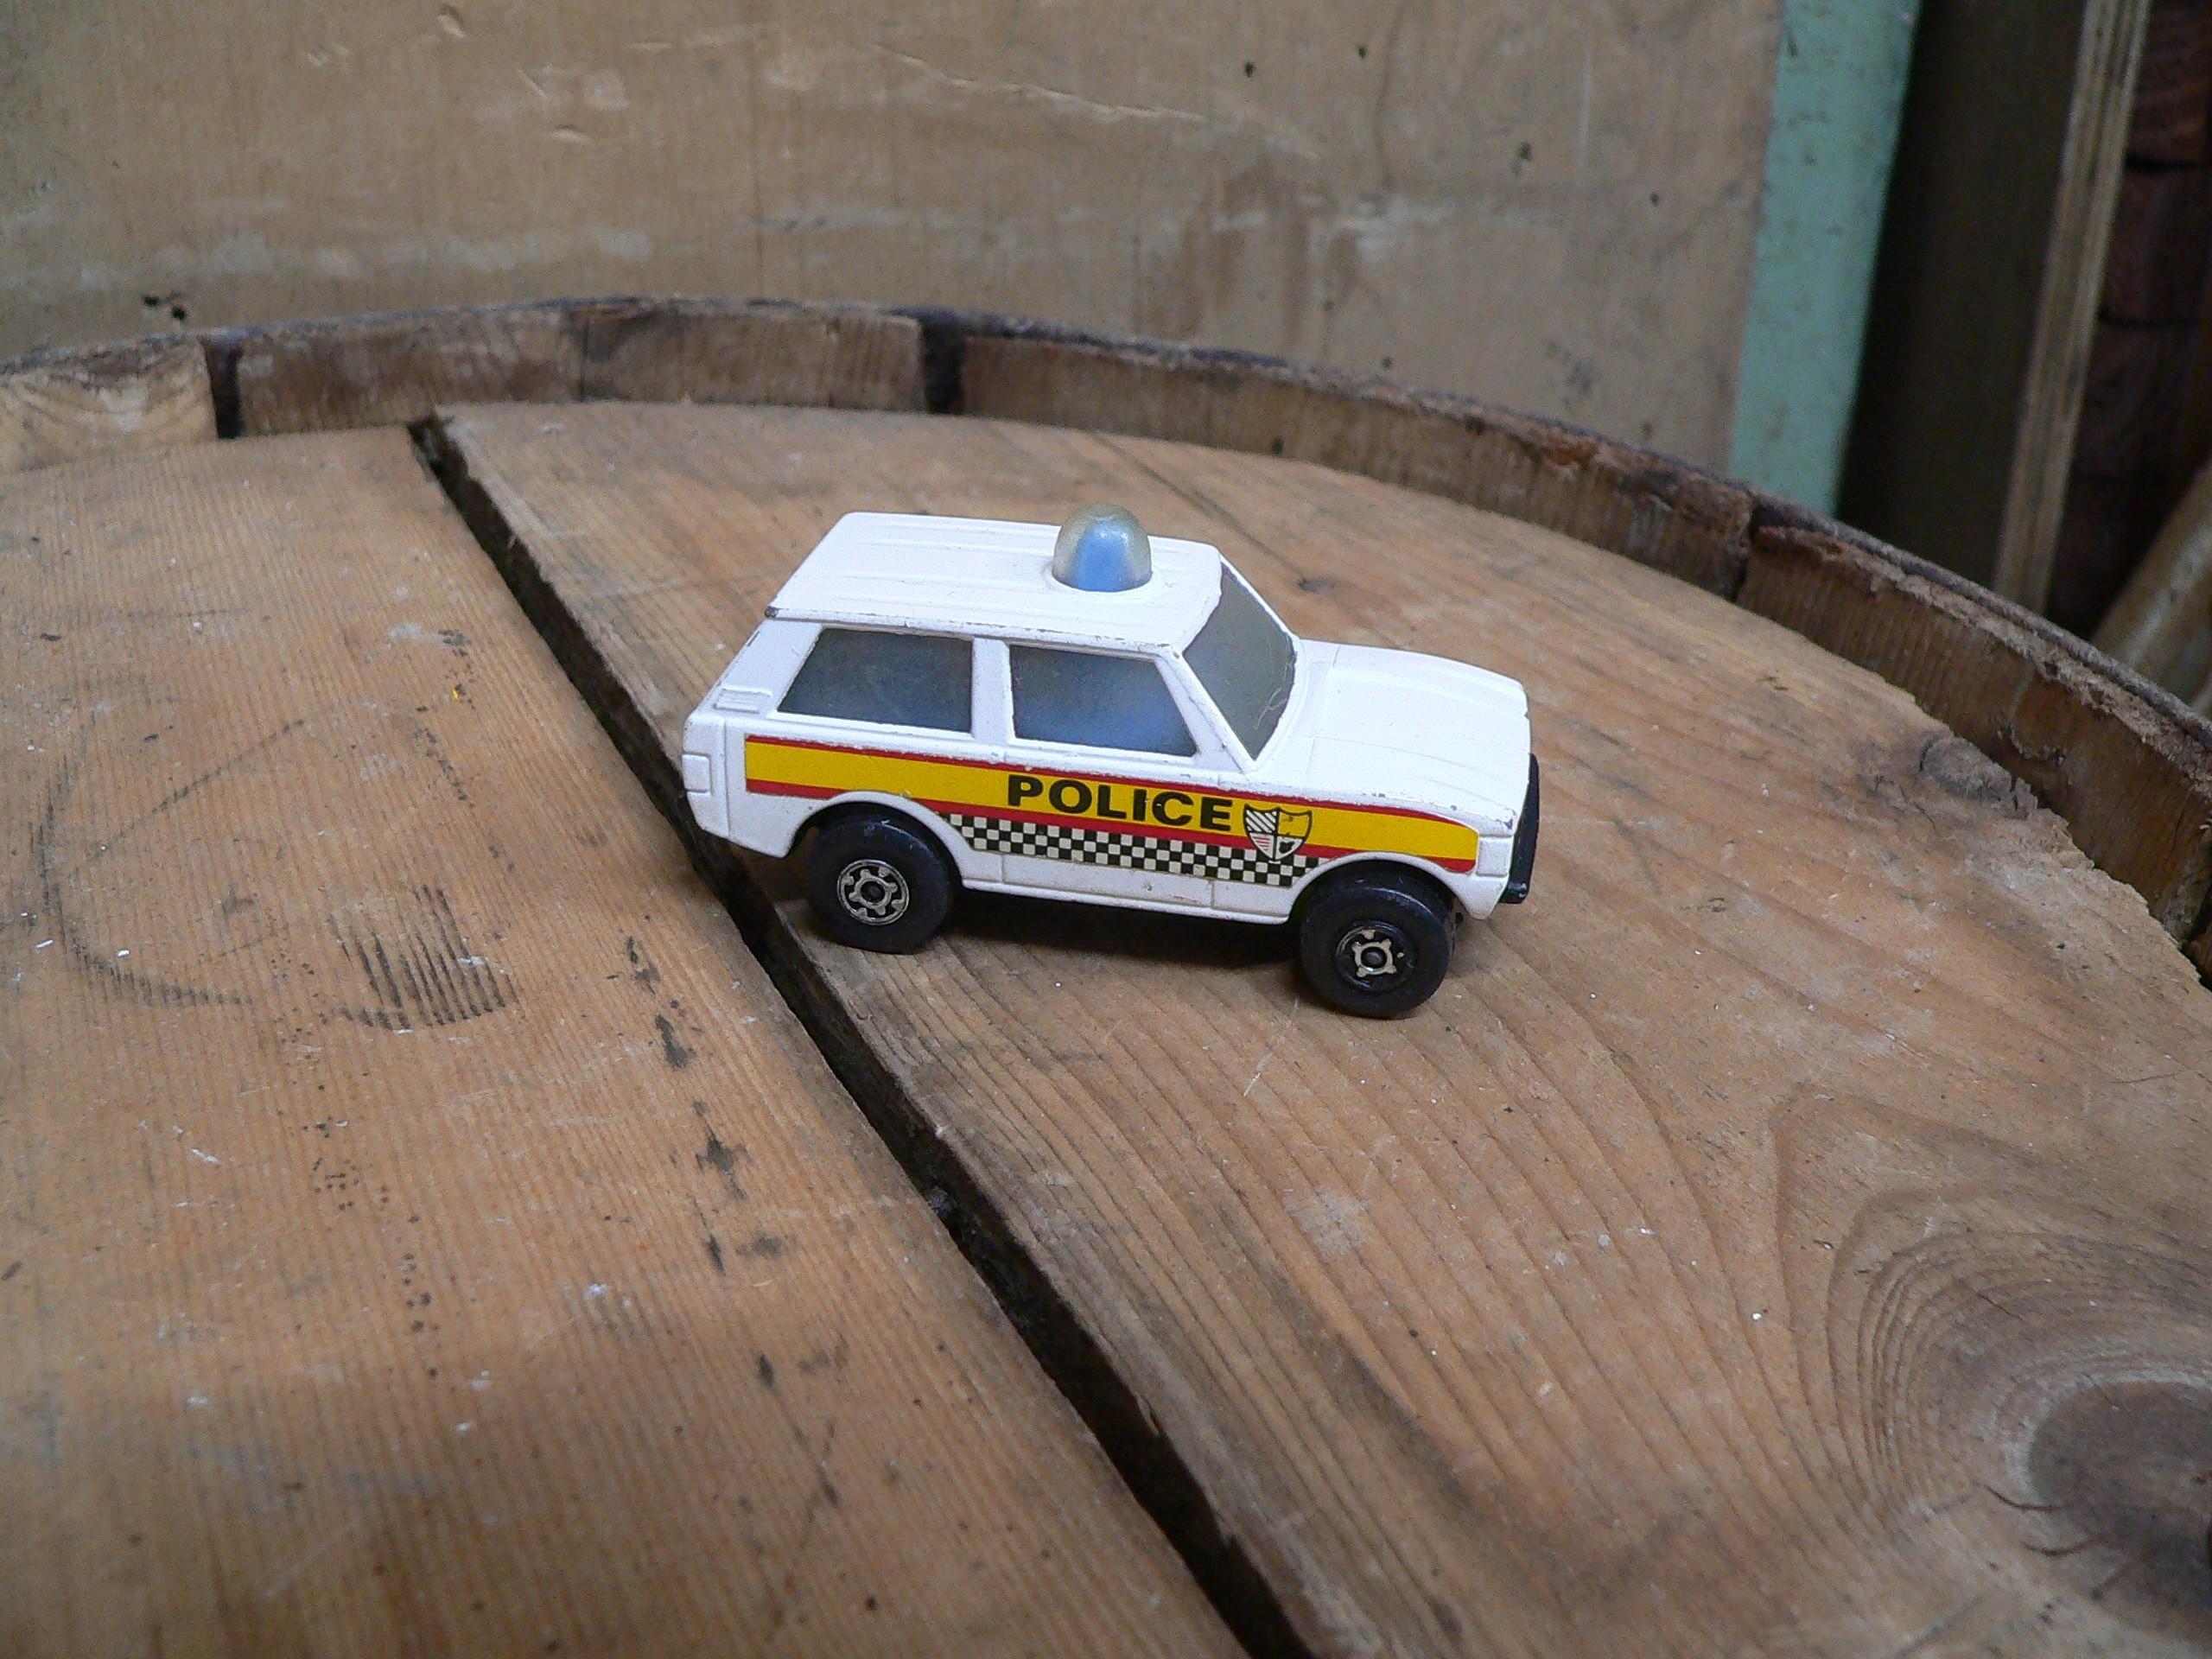 Police patrol # 6793.51